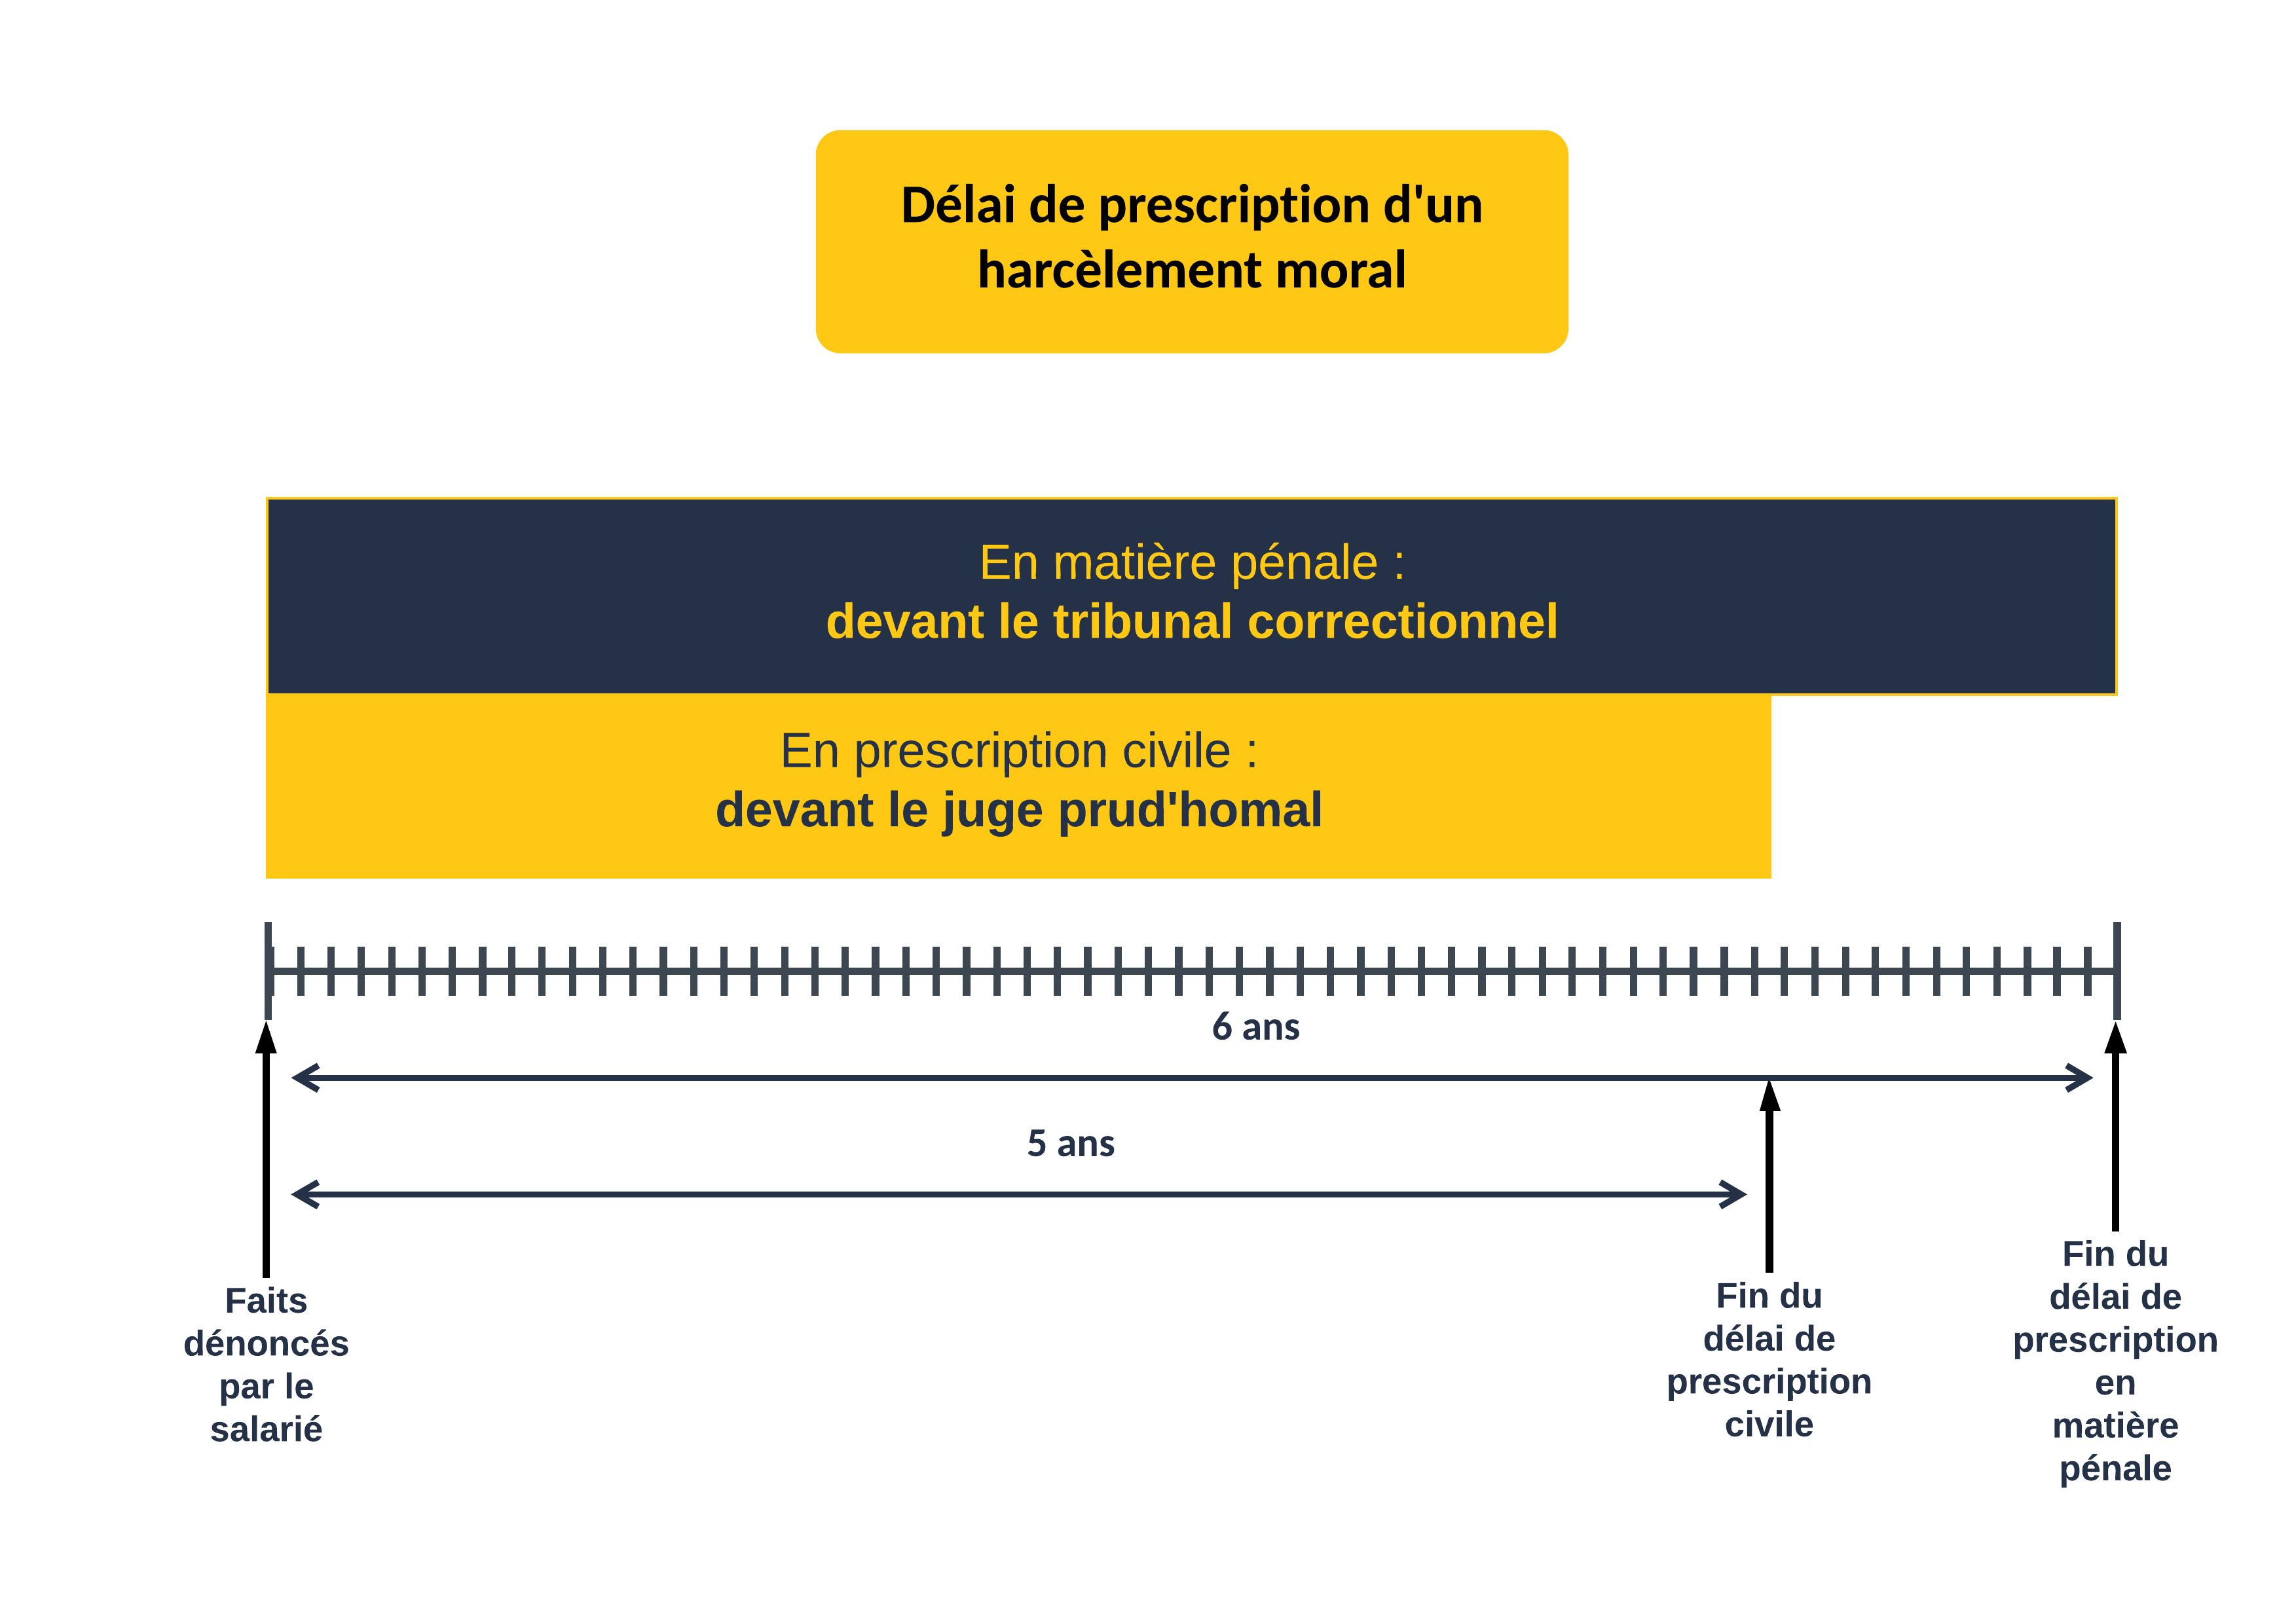 Délai de prescription d'un harcèlement morale